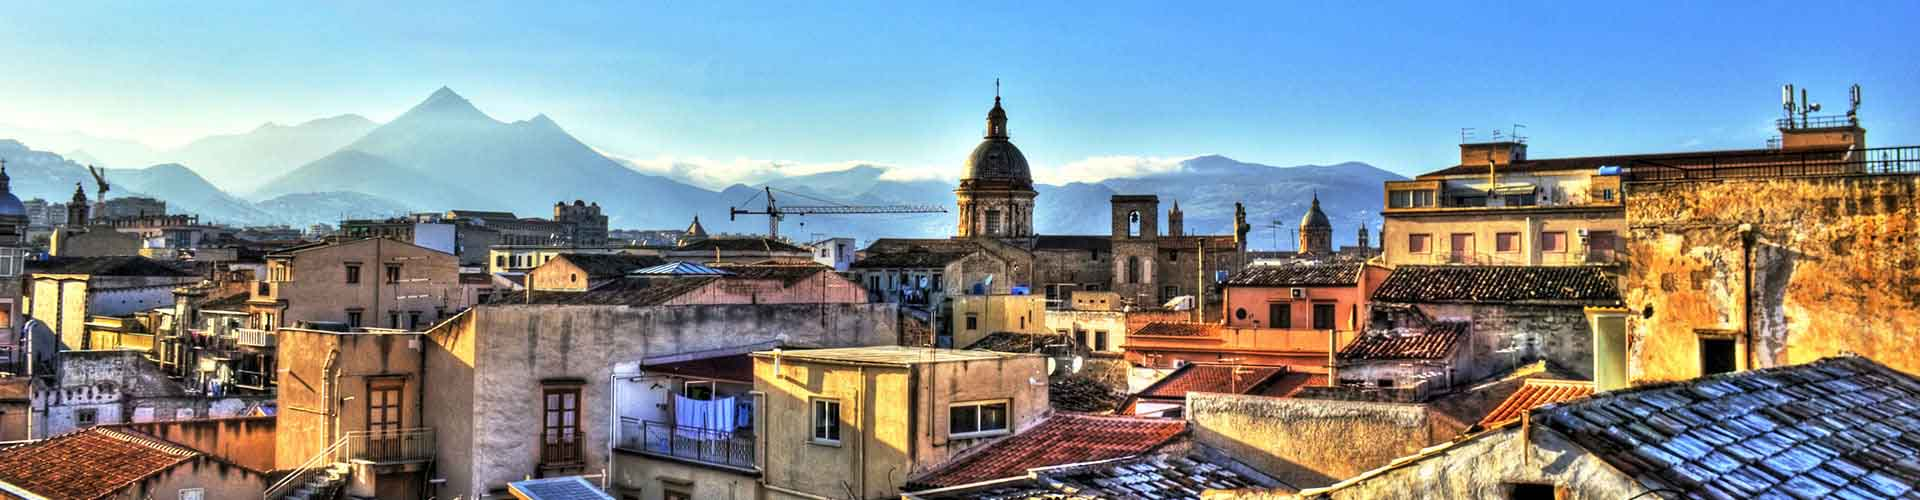 Palermo – Retkeily kaupungiosassa Zisa. Palermo -karttoja, valokuvia ja arvosteluja kaikista Palermo -retkeilyalueista.